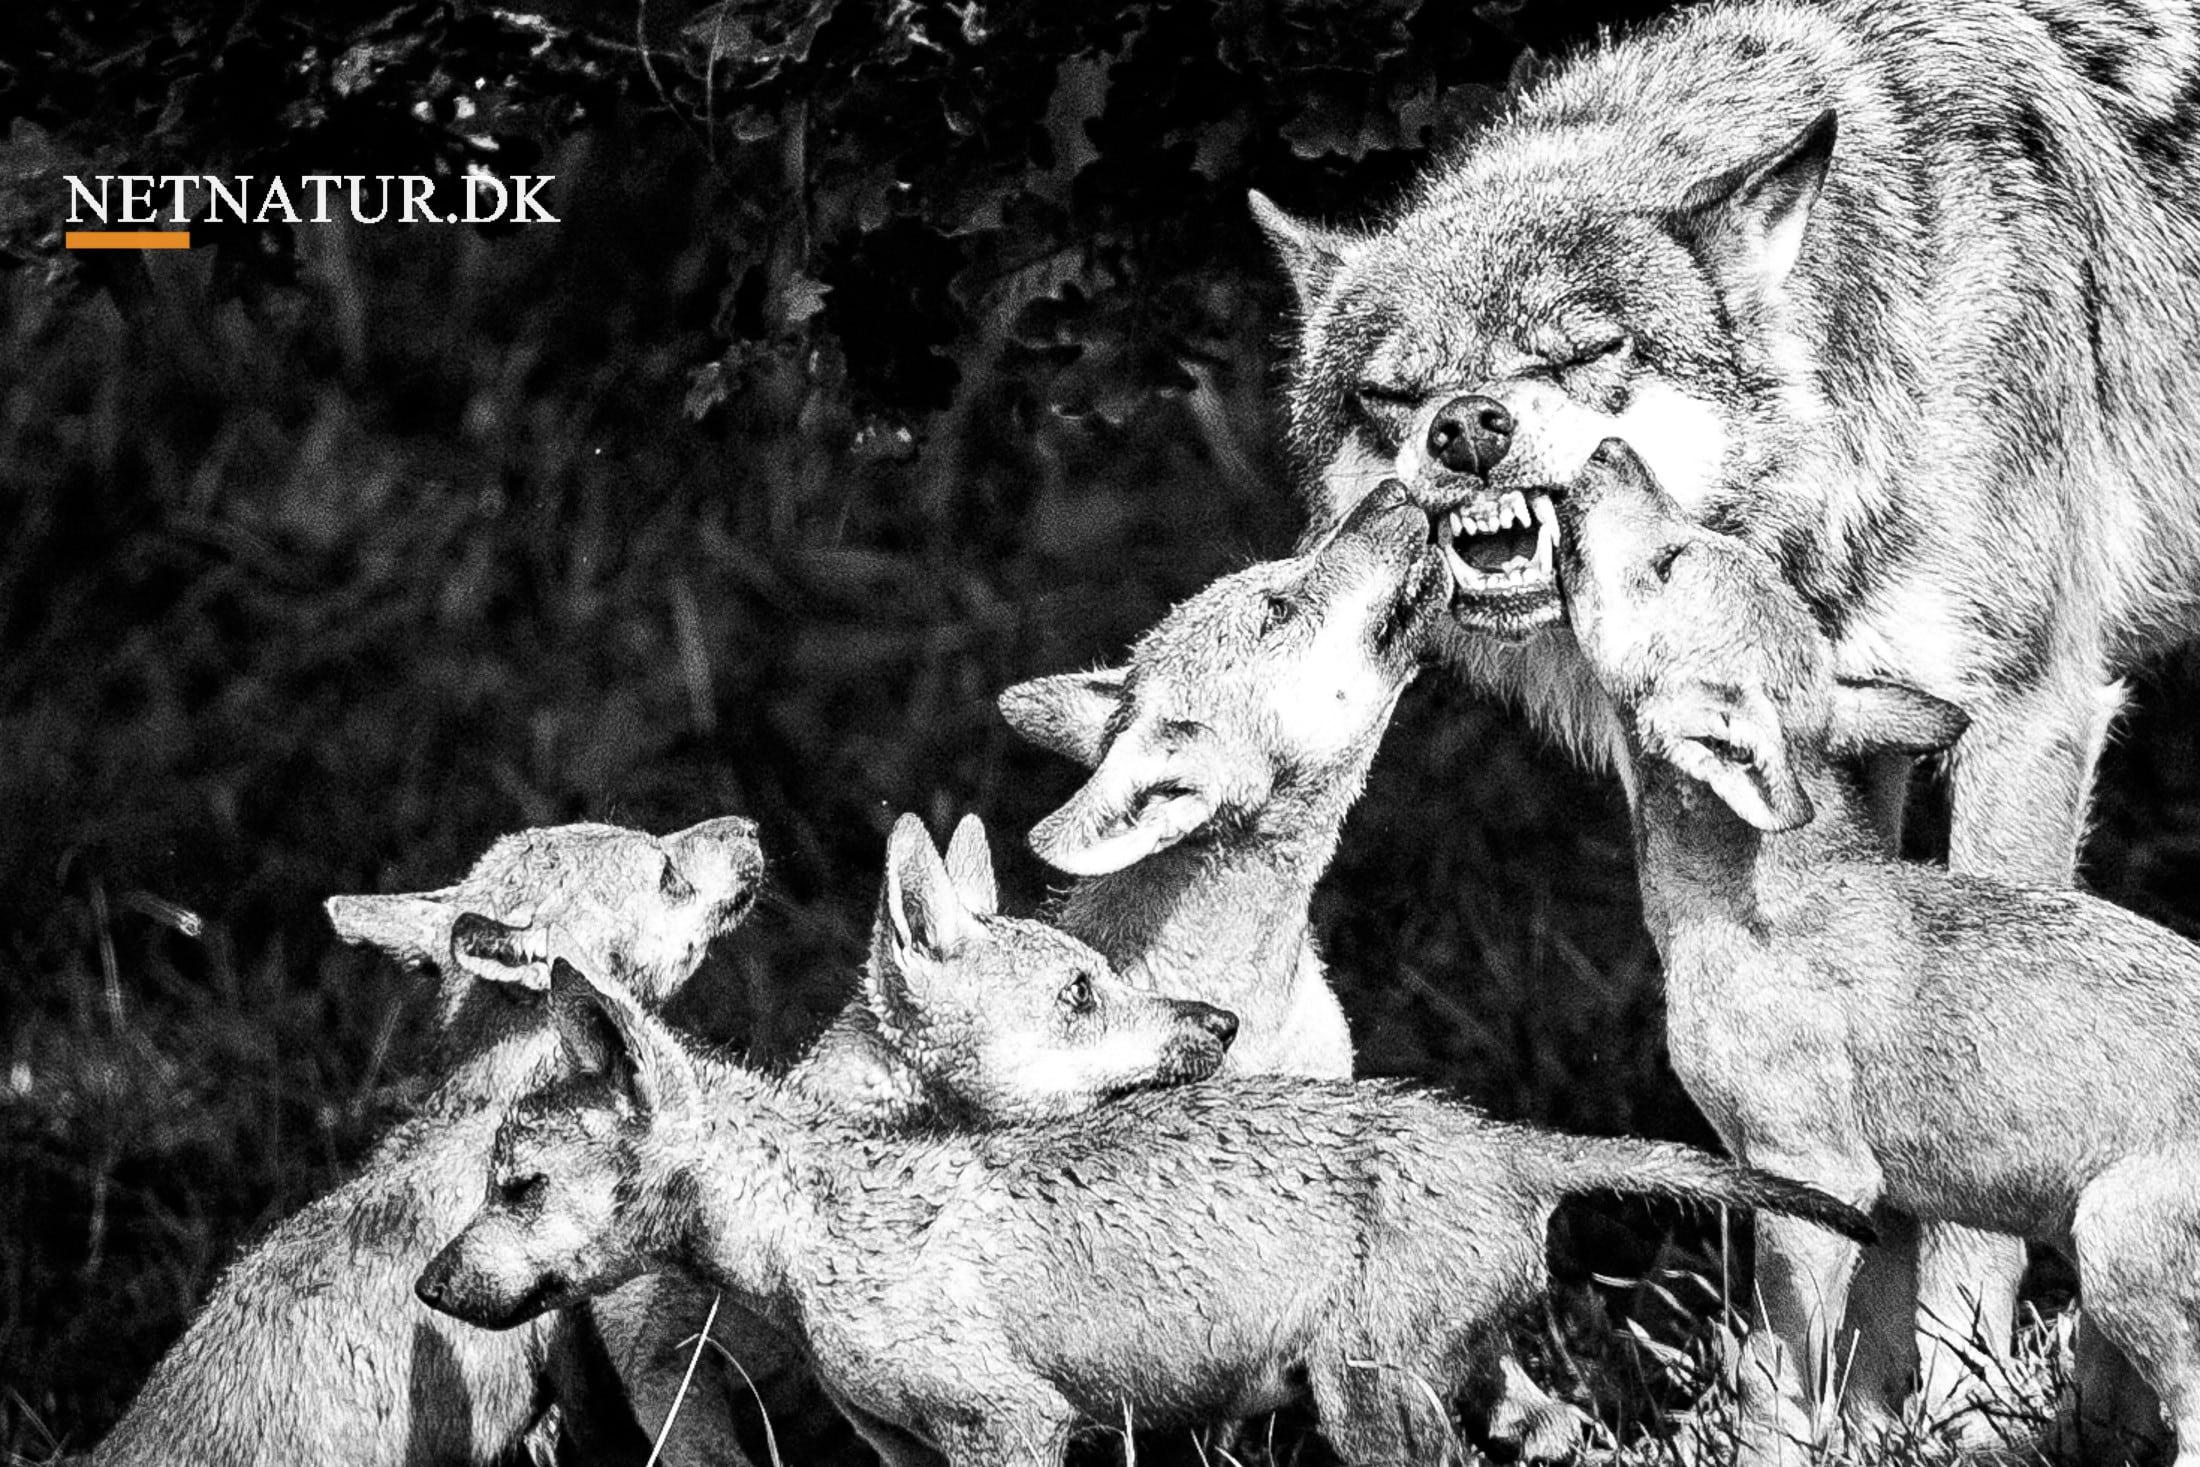 Folketingets ønske om at regulere ulvebestanden kan være ulovlig